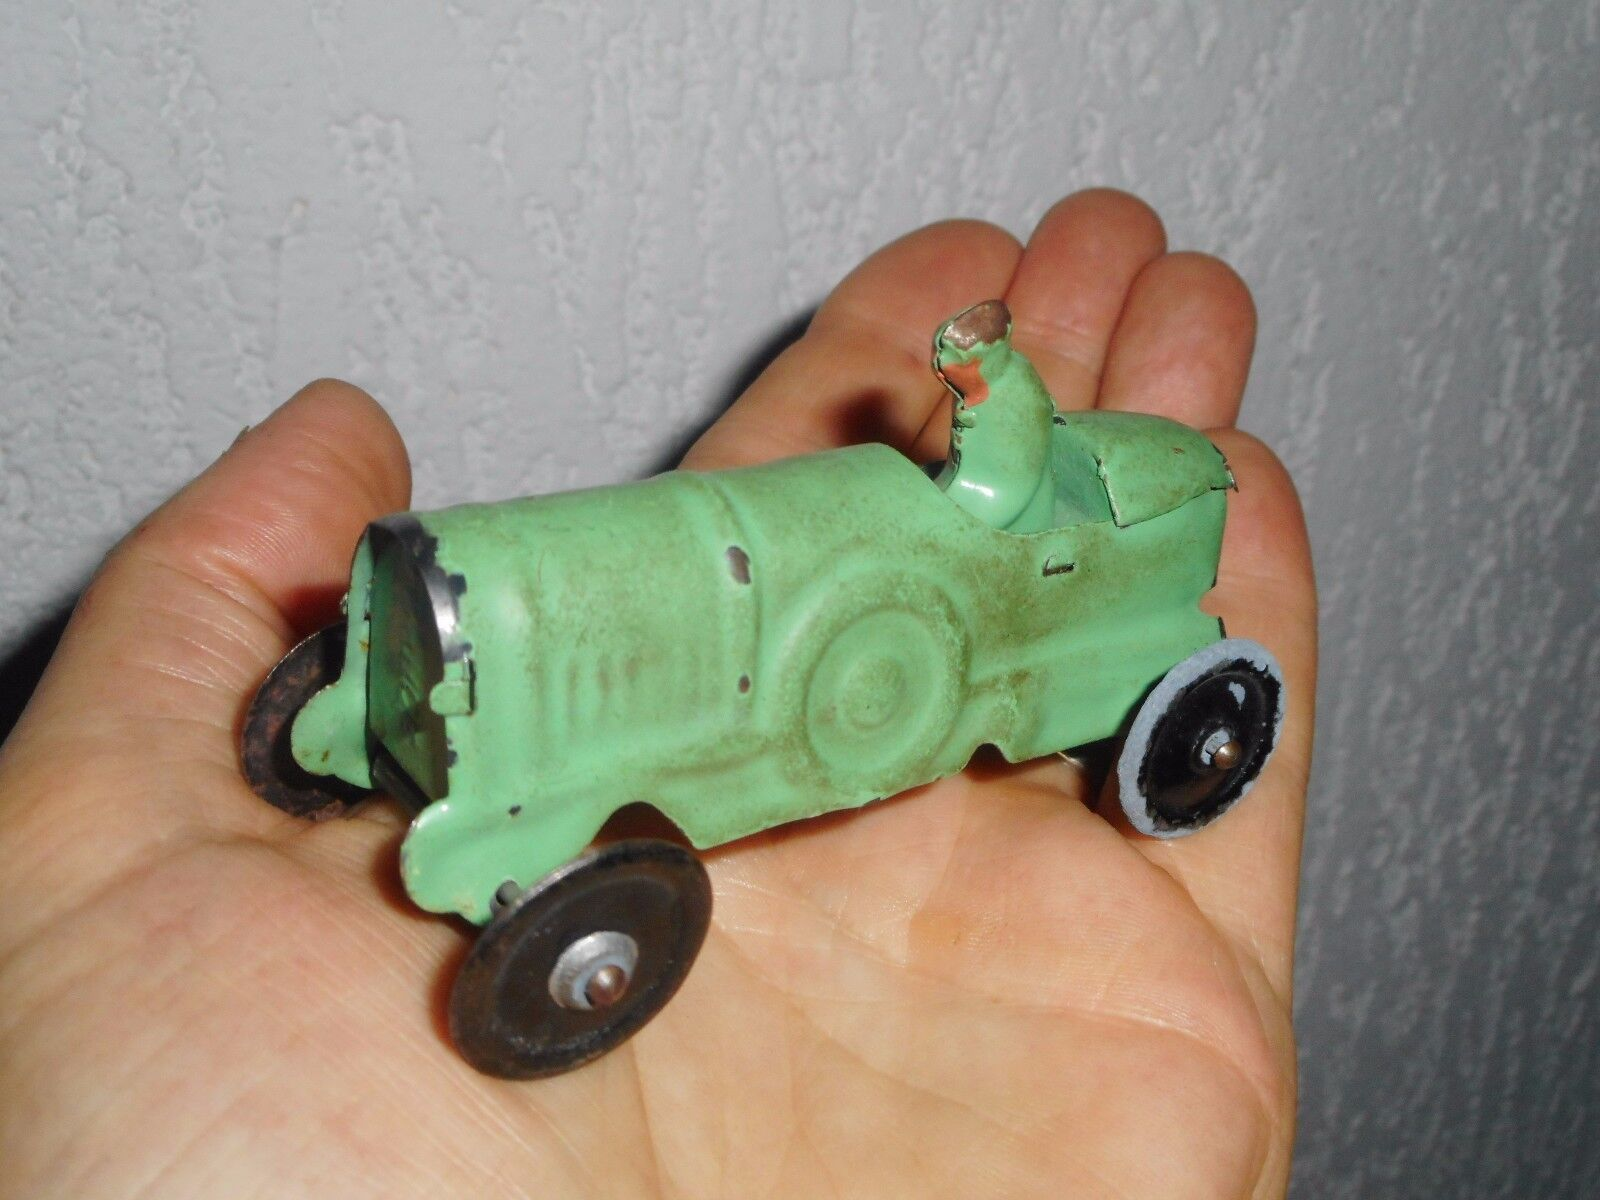 Marque CR je pense voiture de sport N°2 tôle peinte environ 1 43  9 cm jep cij